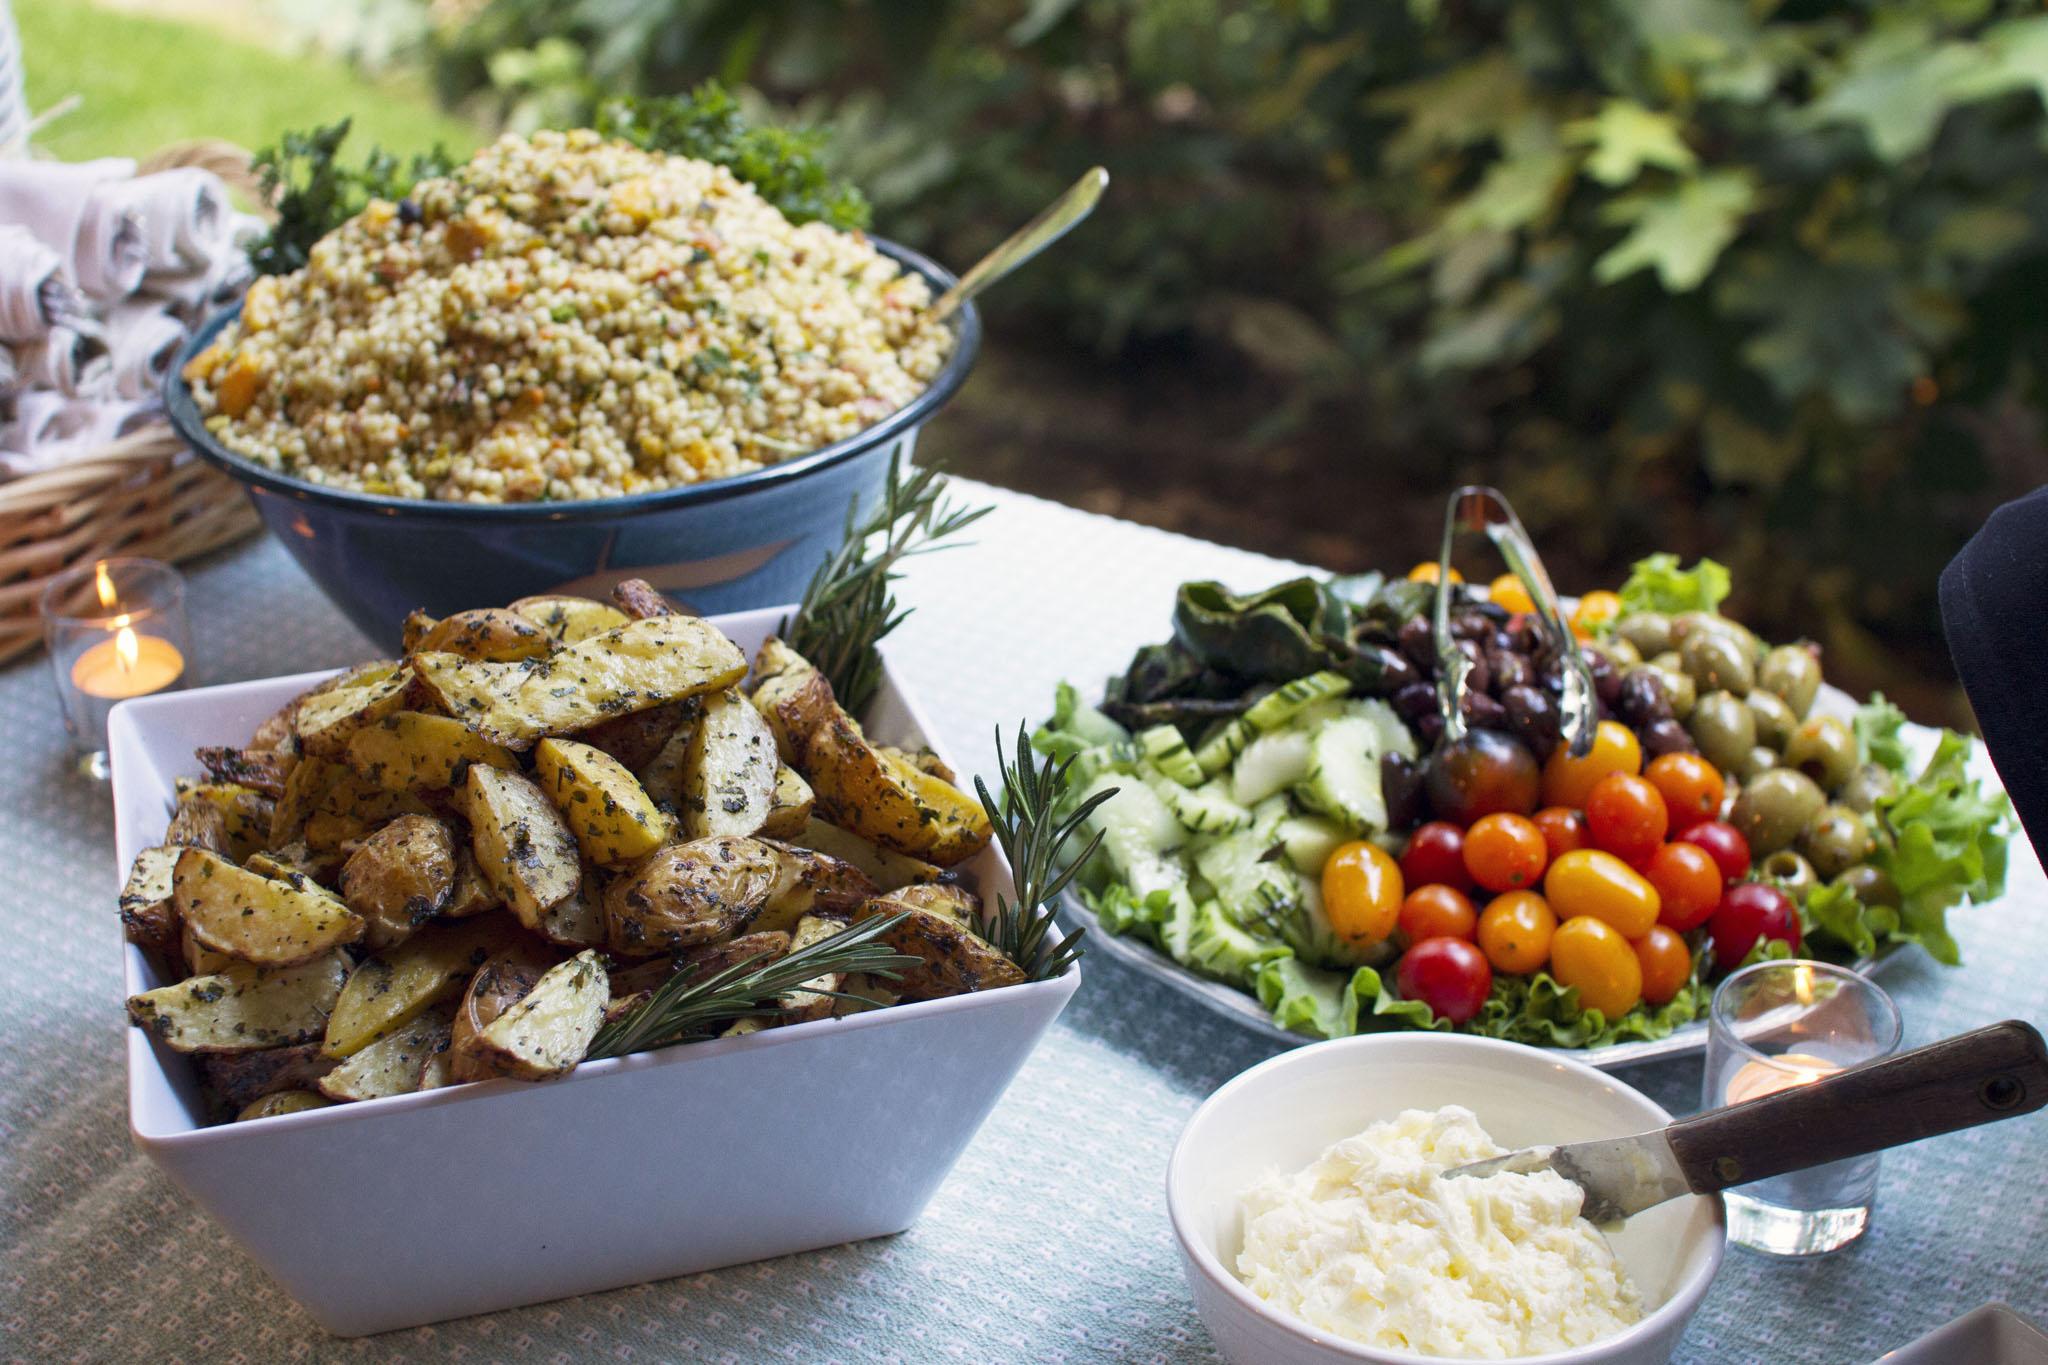 67-biltmore-catering-pickles-potatoes